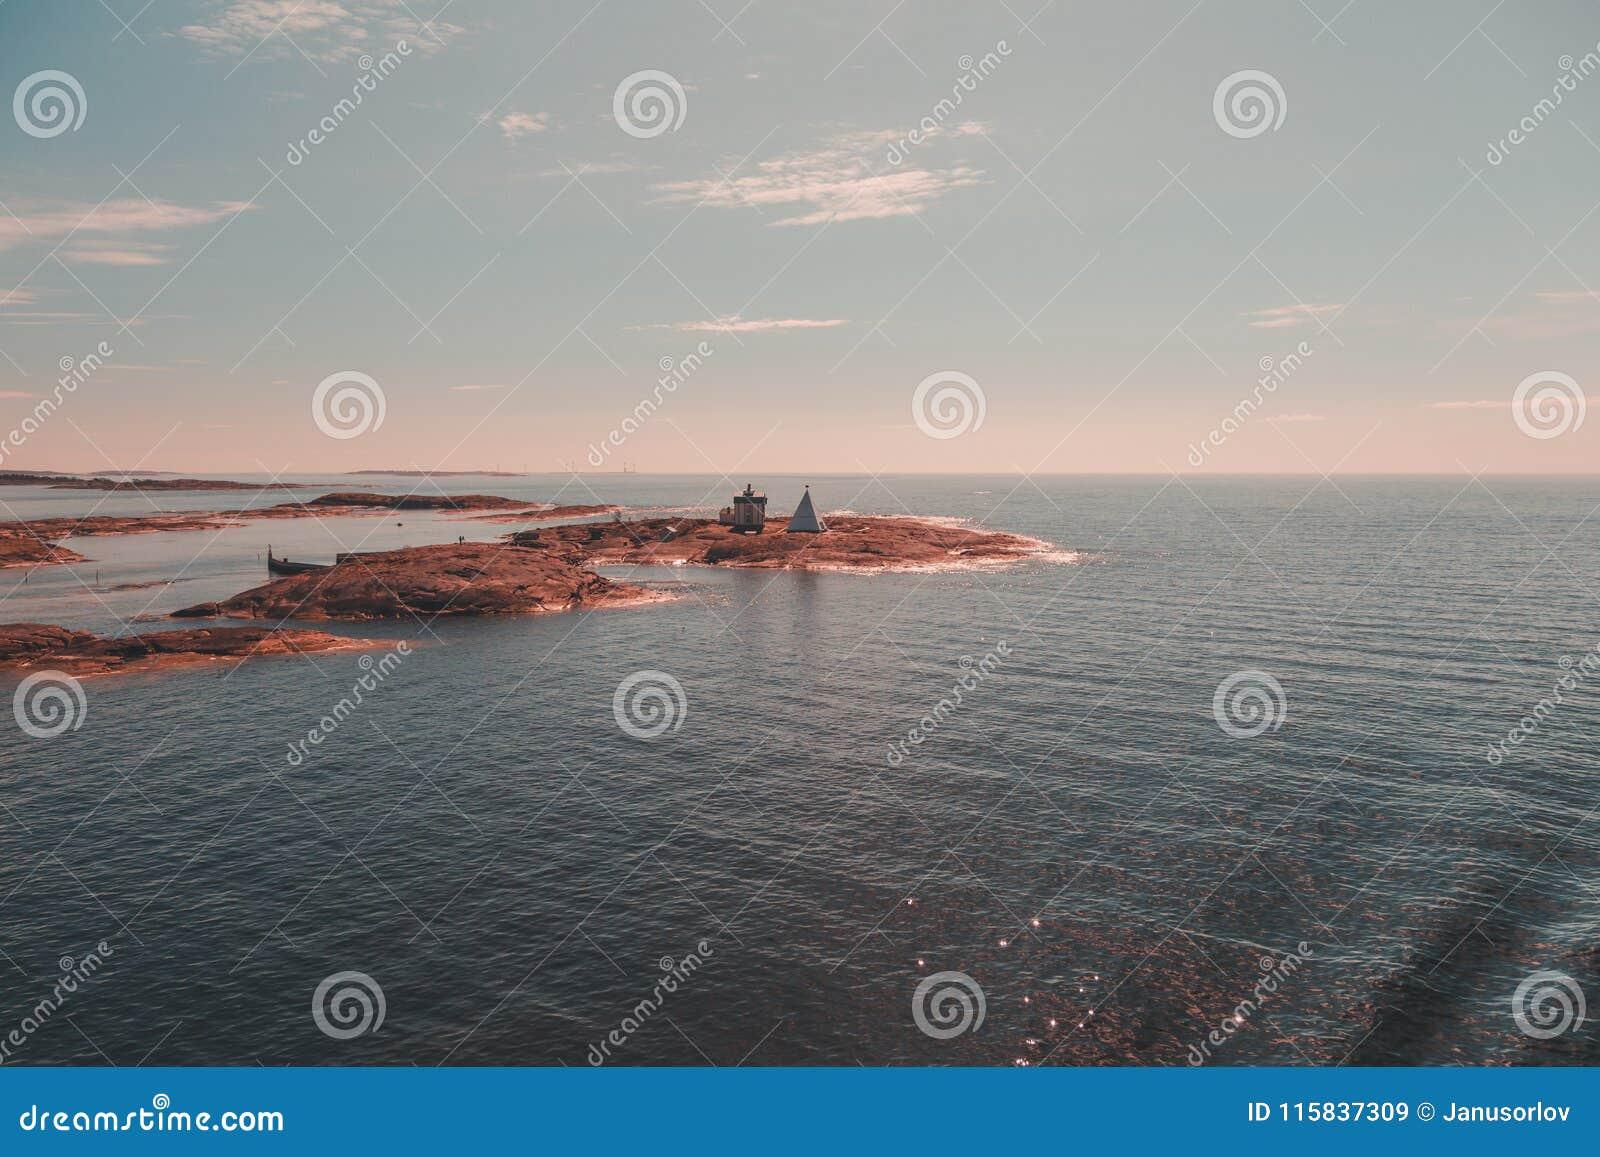 Finland Aland, buitenmariehamn is de oude proefpost Kobba Klintar Nu dagen is er een museum op het eiland